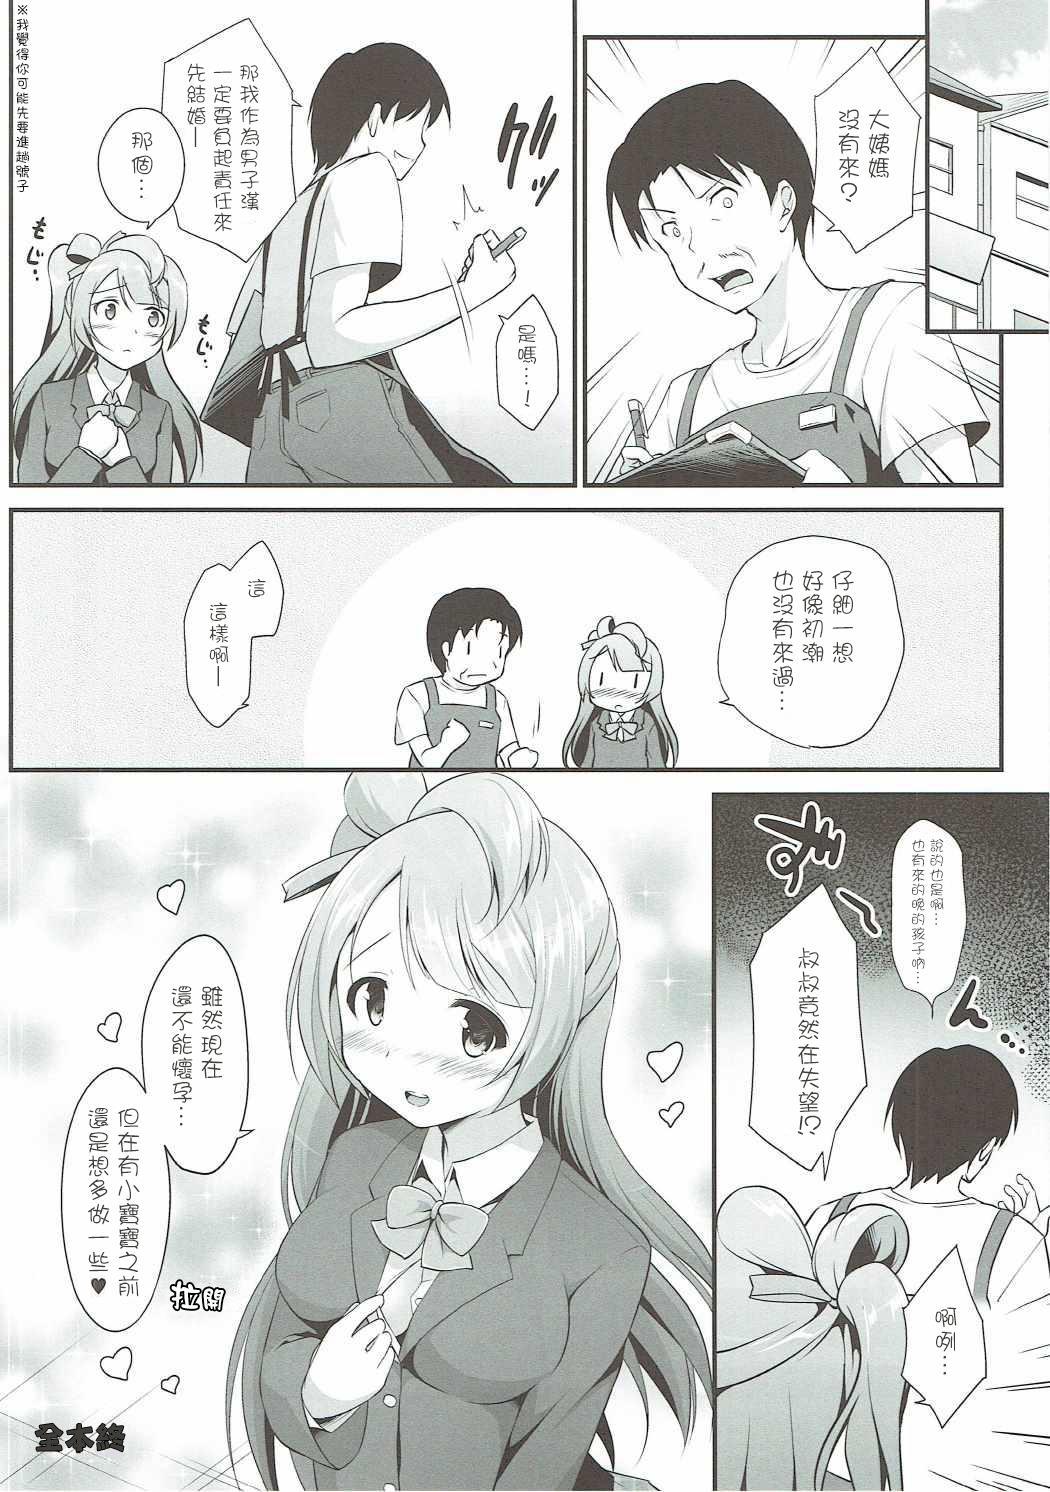 Ojisan no Onegai o Kotowarenai Kotori-chan 33